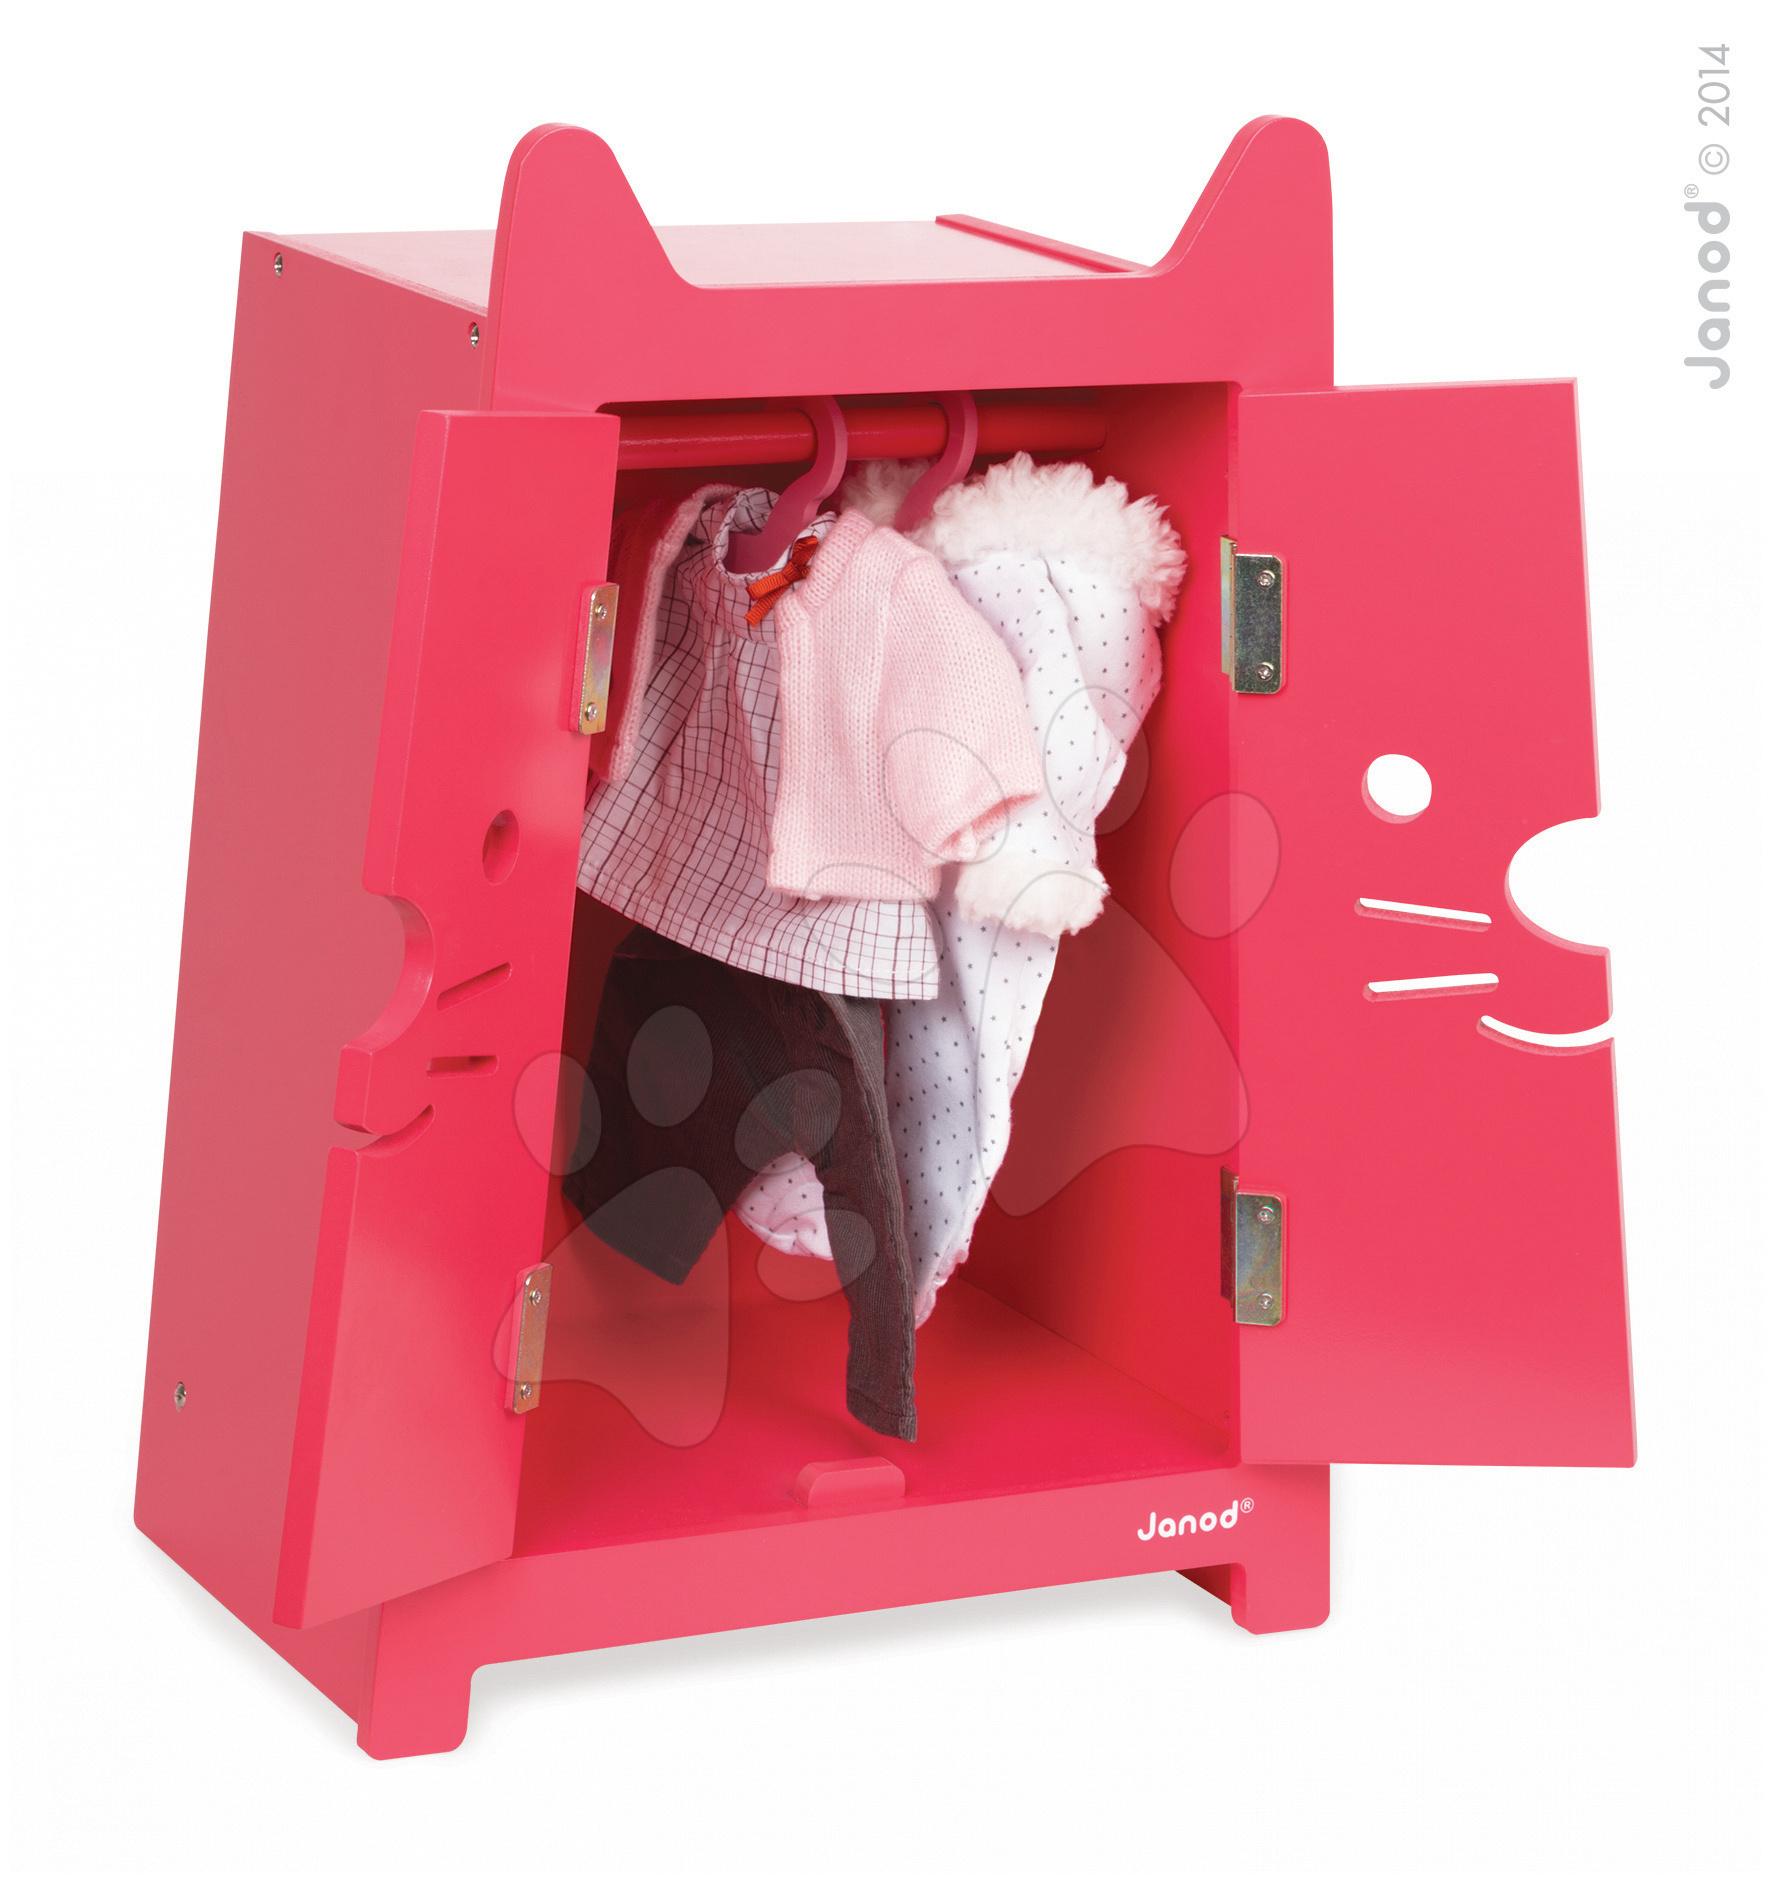 Dřevěná skříňka pro panenku Babycat Janod dvoukřídlá s věšáky